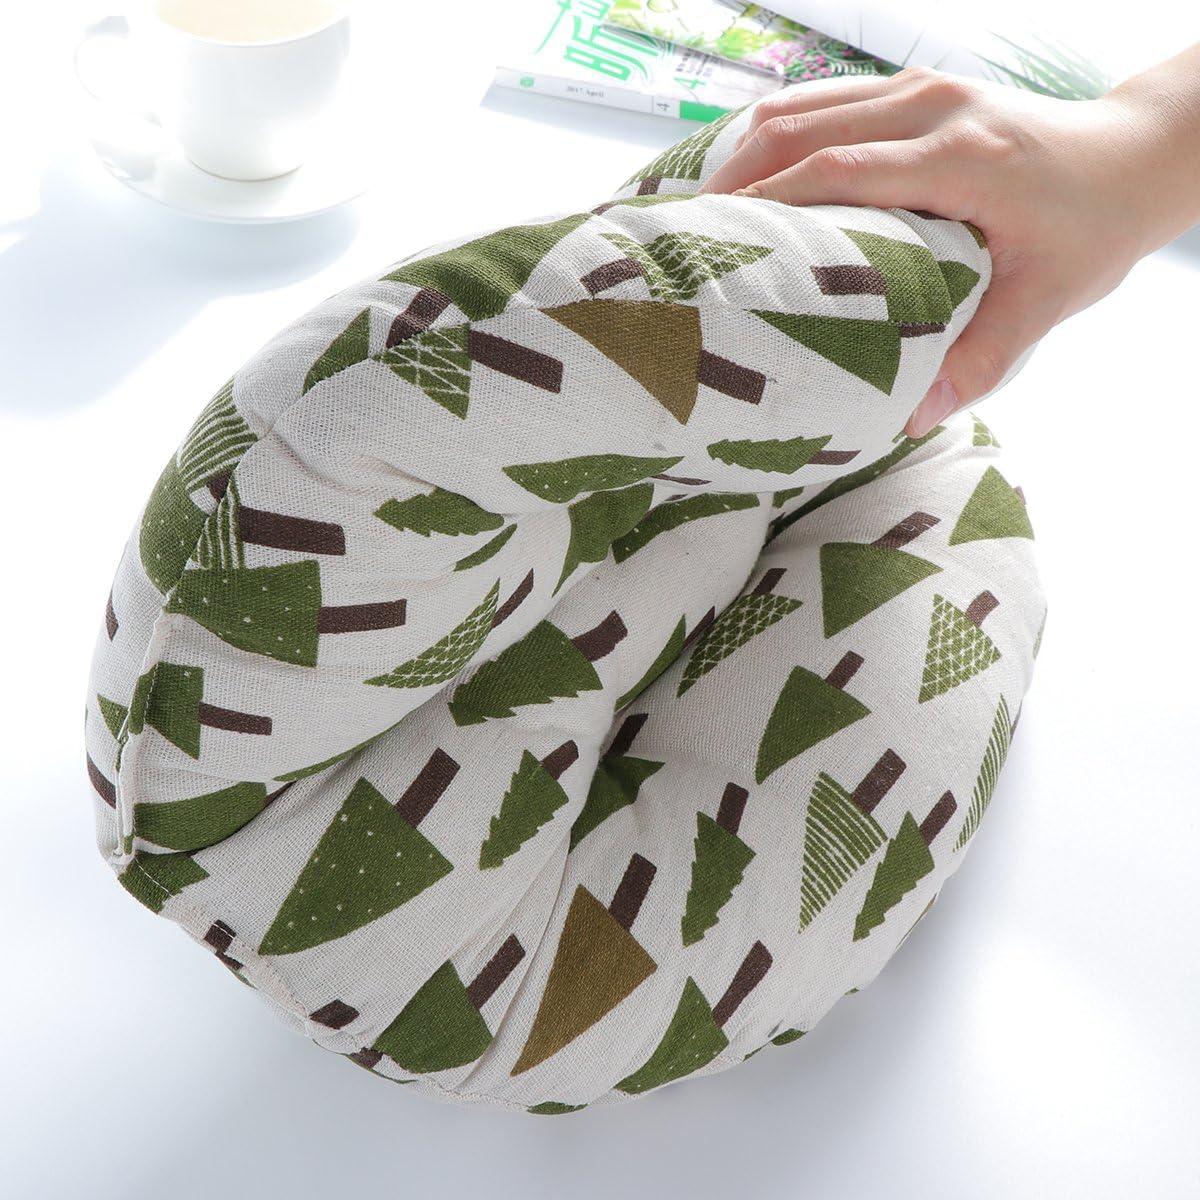 Tatami WINOMO Cuscino Rotondo da Pavimento Motivo Alberi Finestra per Yoga Home Office Pad in Cotone e Lino